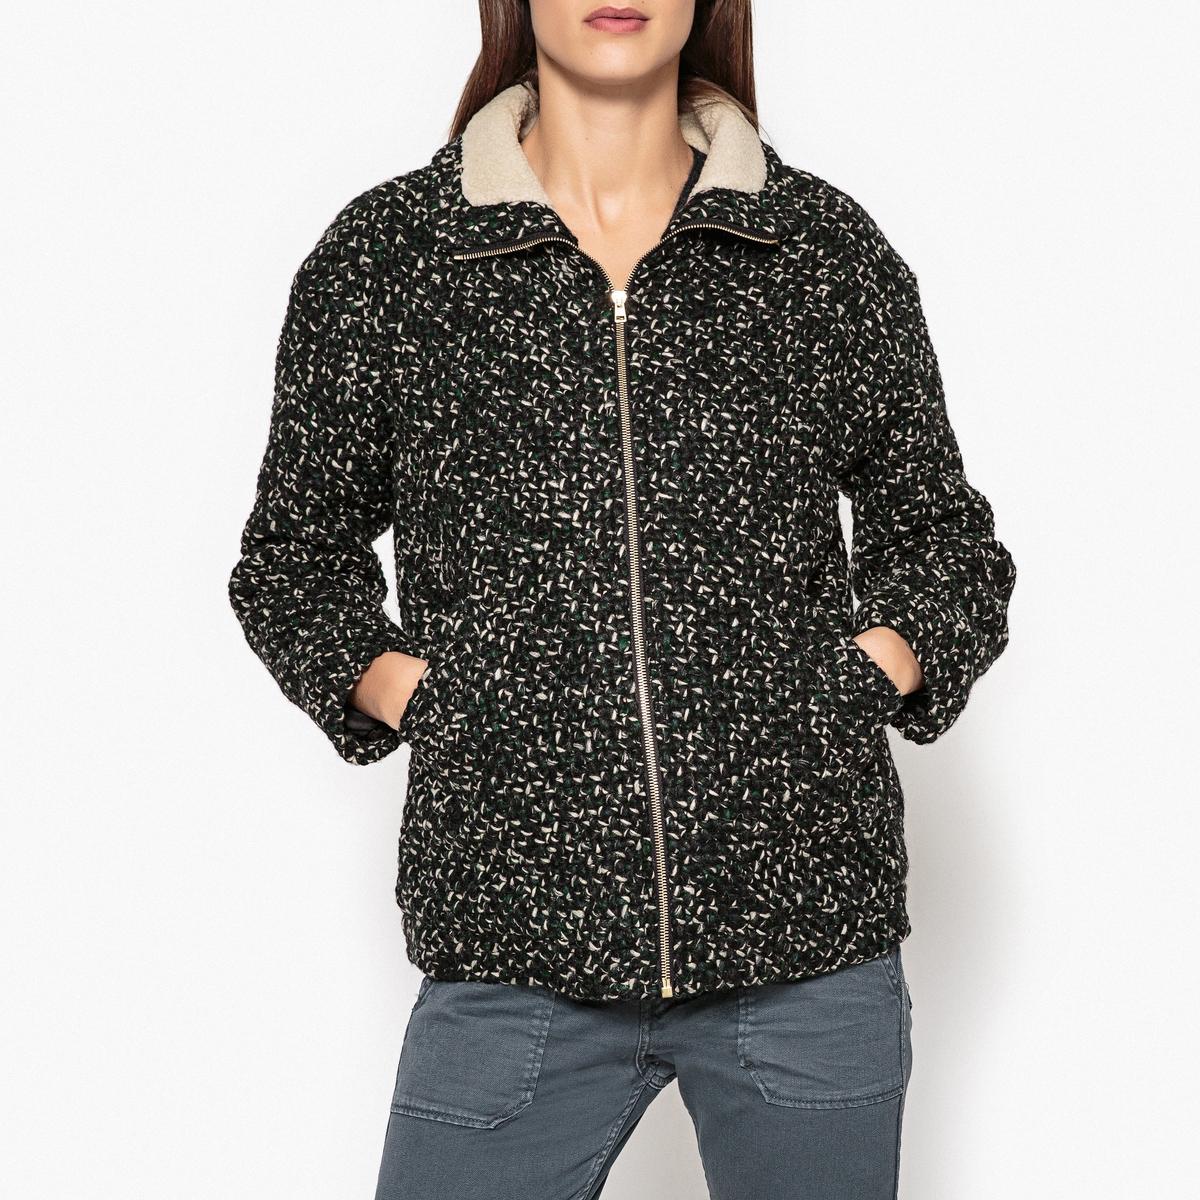 Куртка на молнии COOPERОписание:Куртка на молнии из трикотажа BA&amp;SH - модель COOPER. Застёжка на молнию и два боковых кармана из шерстяного цветного трикотажа меланж .Детали   •  Длина : укороченная •  Воротник-стойка •  Застежка на молниюСостав и уход •  38% шерсти, 54% акрила, 8% полиамида •  Следуйте советам по уходу, указанным на этикетке • Низ прямой •  Детали из искусственного меха<br><br>Цвет: зеленый